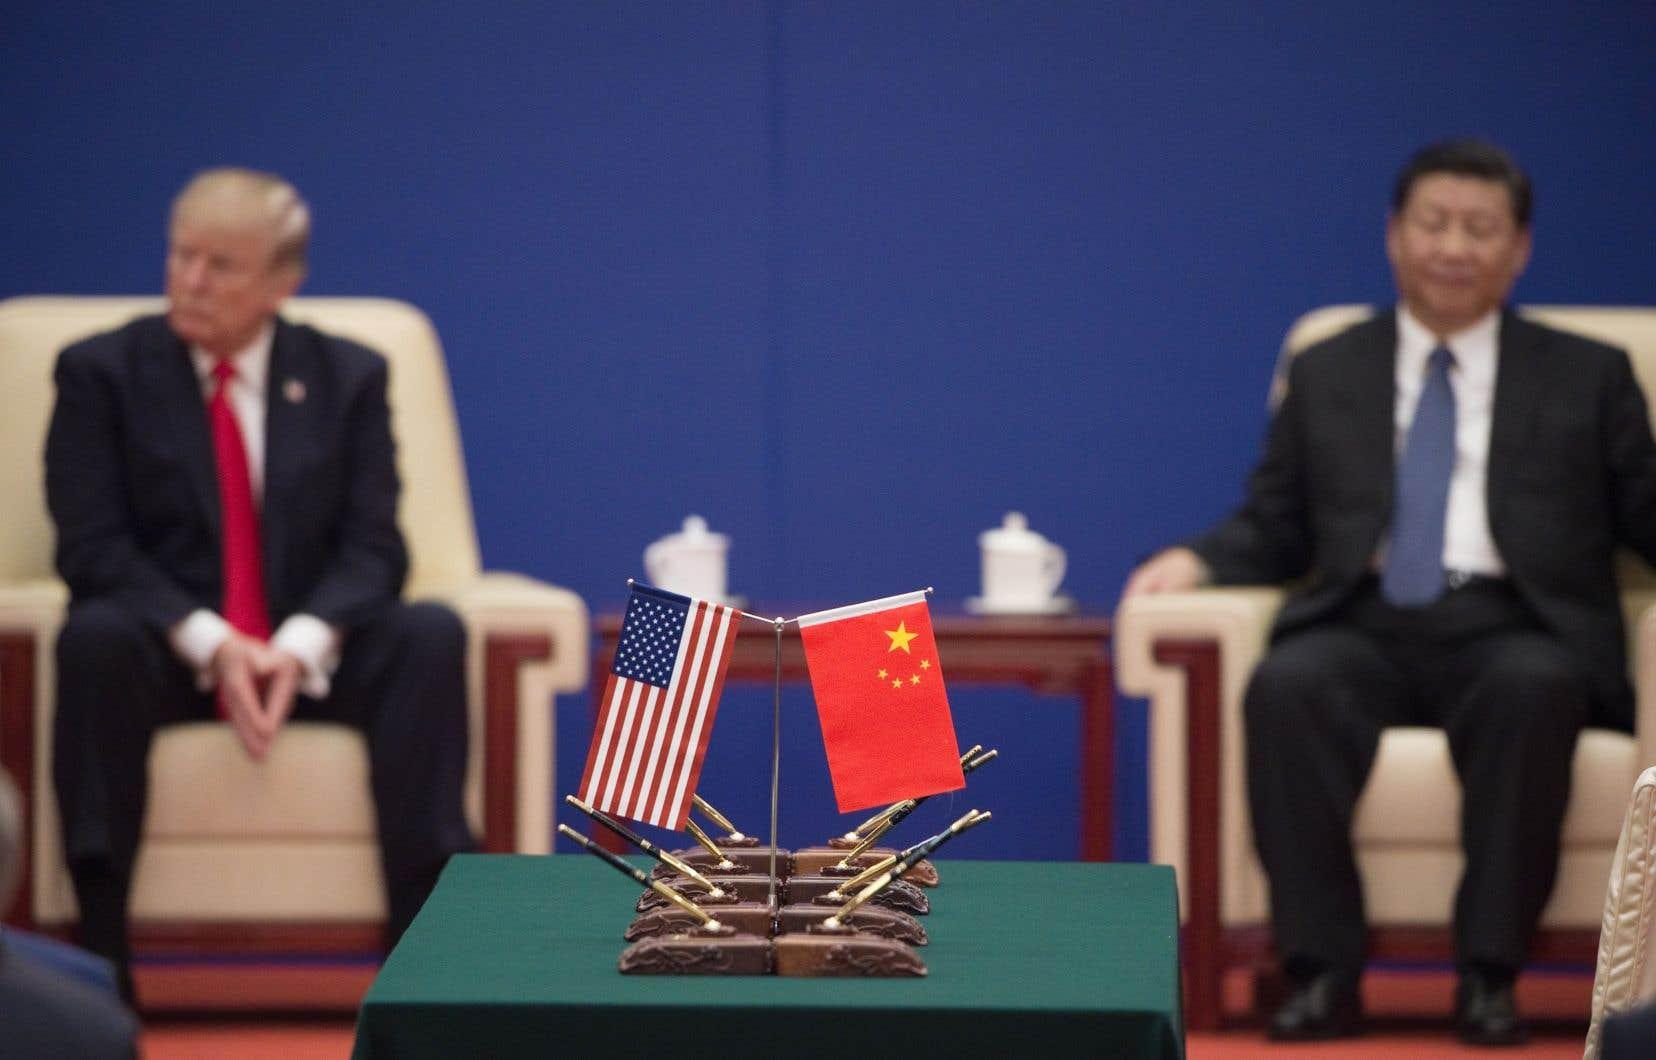 Le conflit commercial entre Pékin et Washington, débuté l'an dernier, menace à présent la croissance des deux premières économies mondiales.